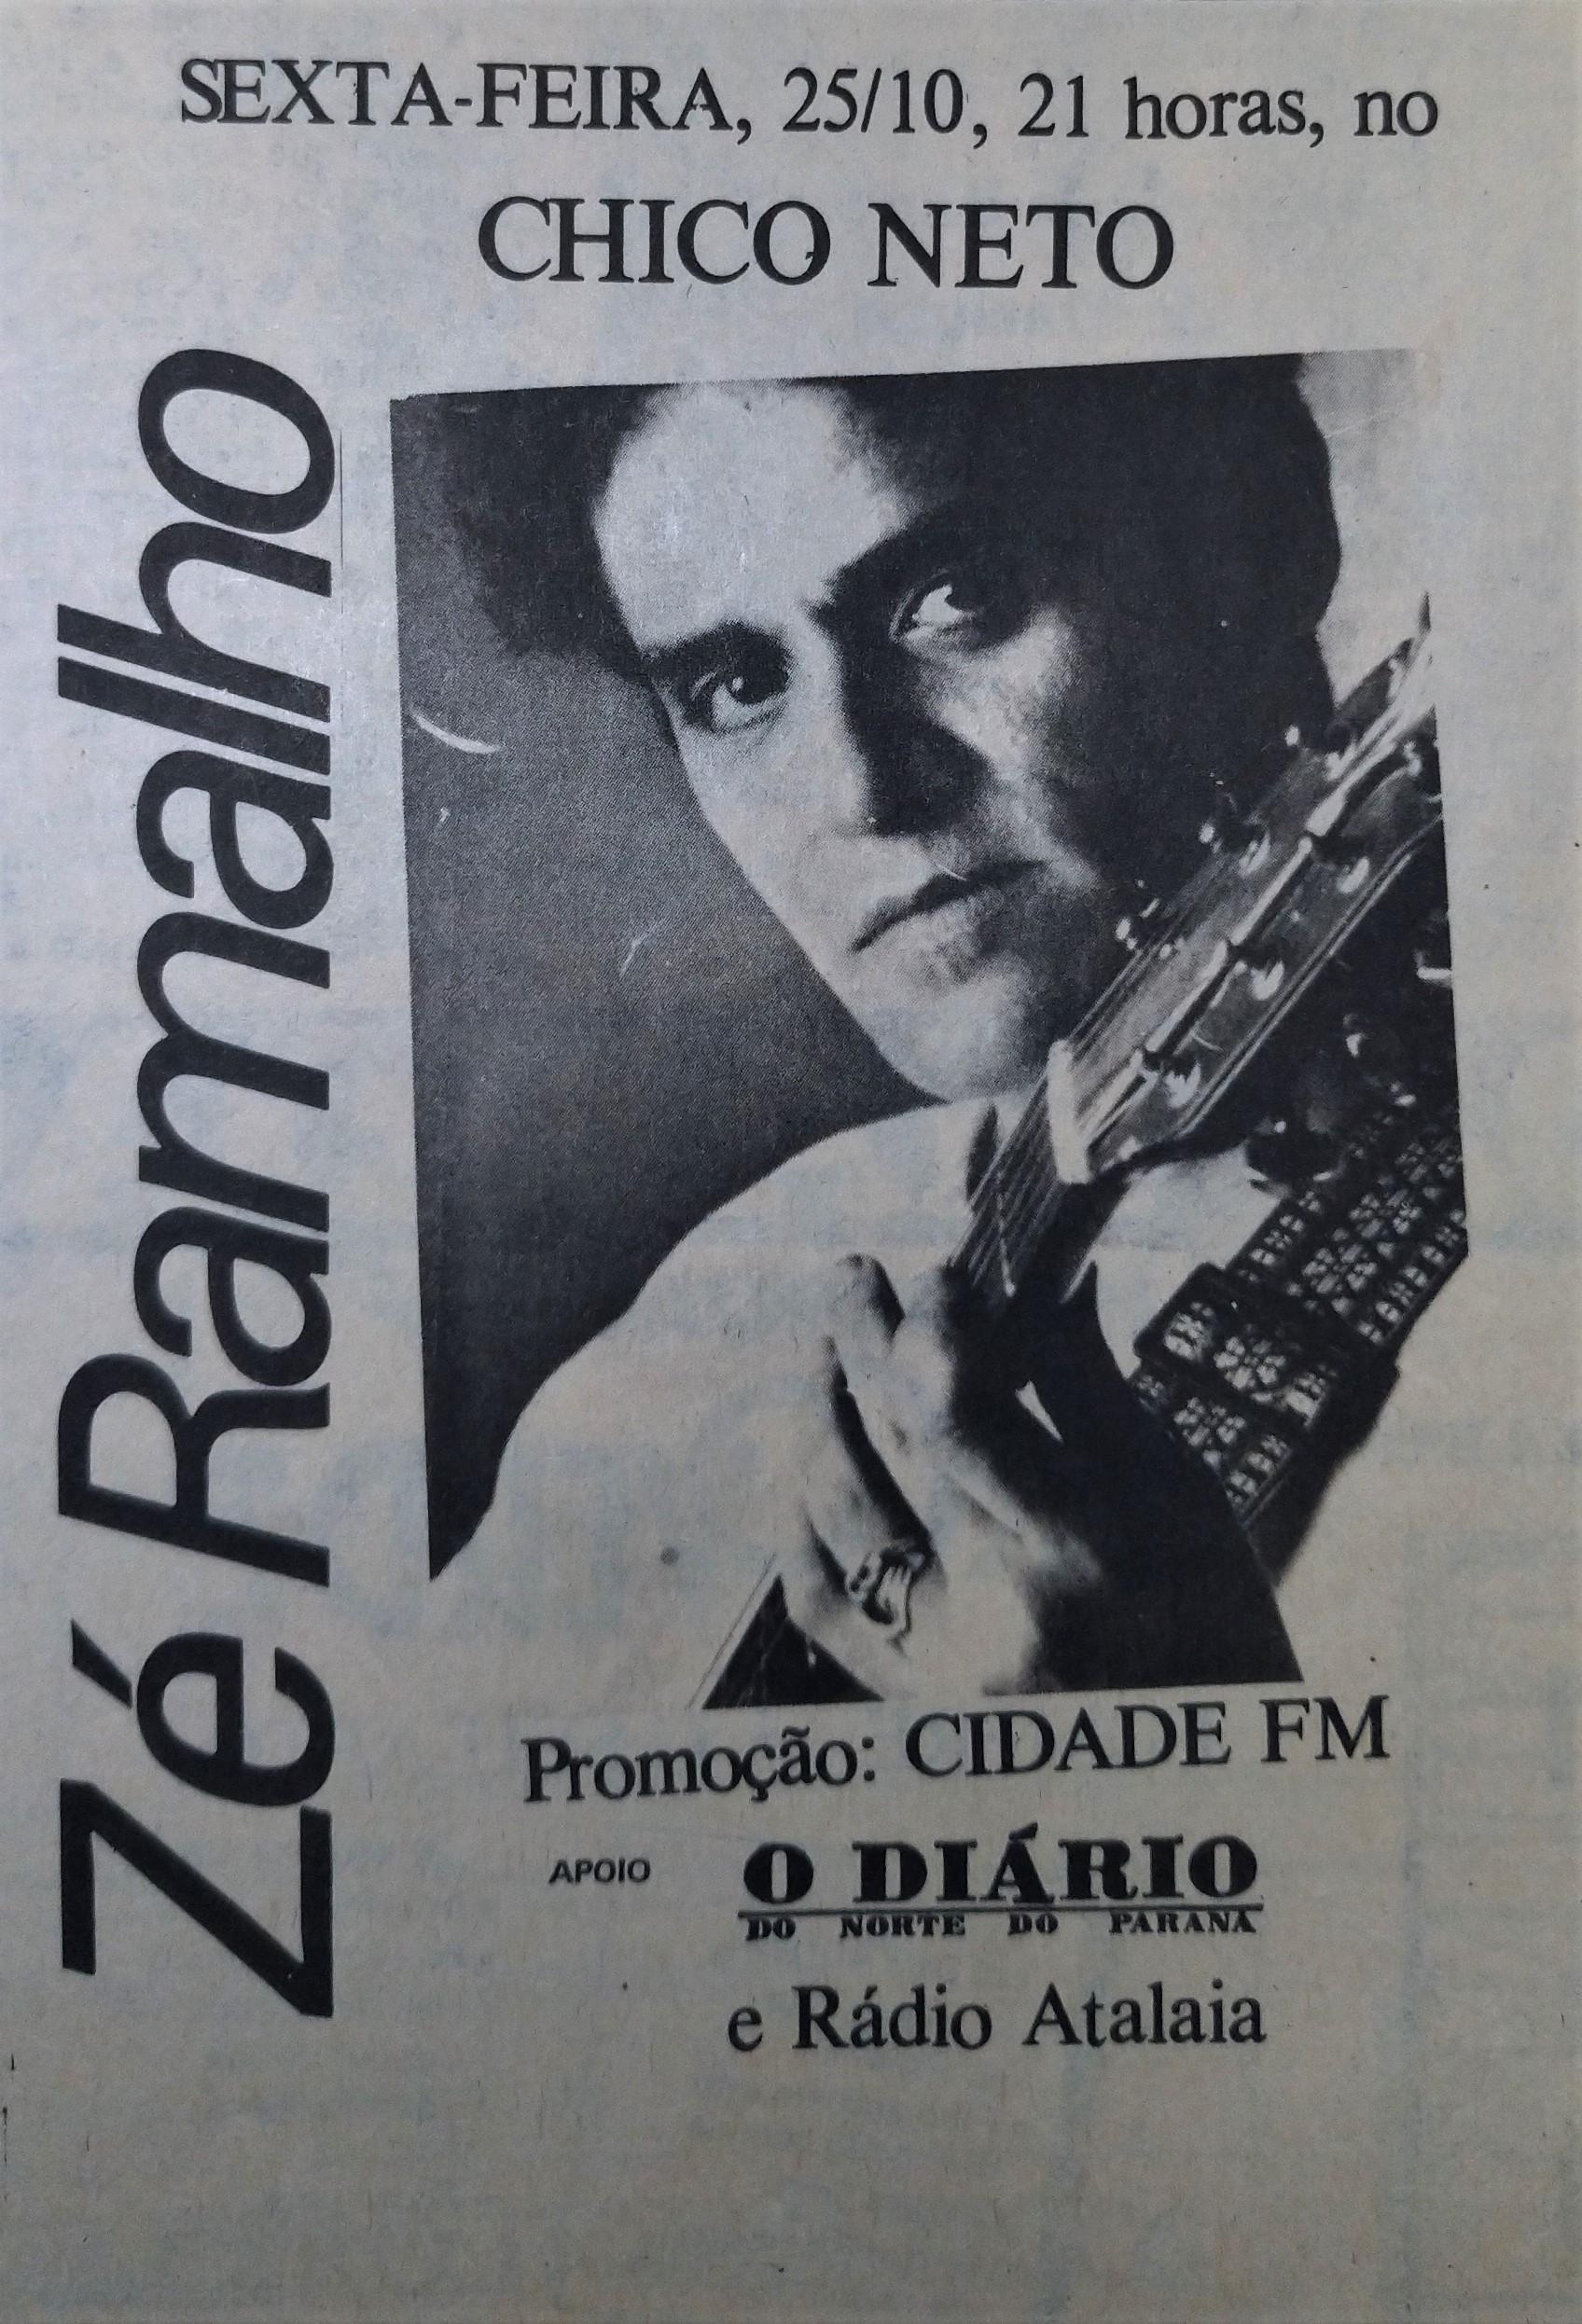 Zé Ramalho no Chico Netto - 1985